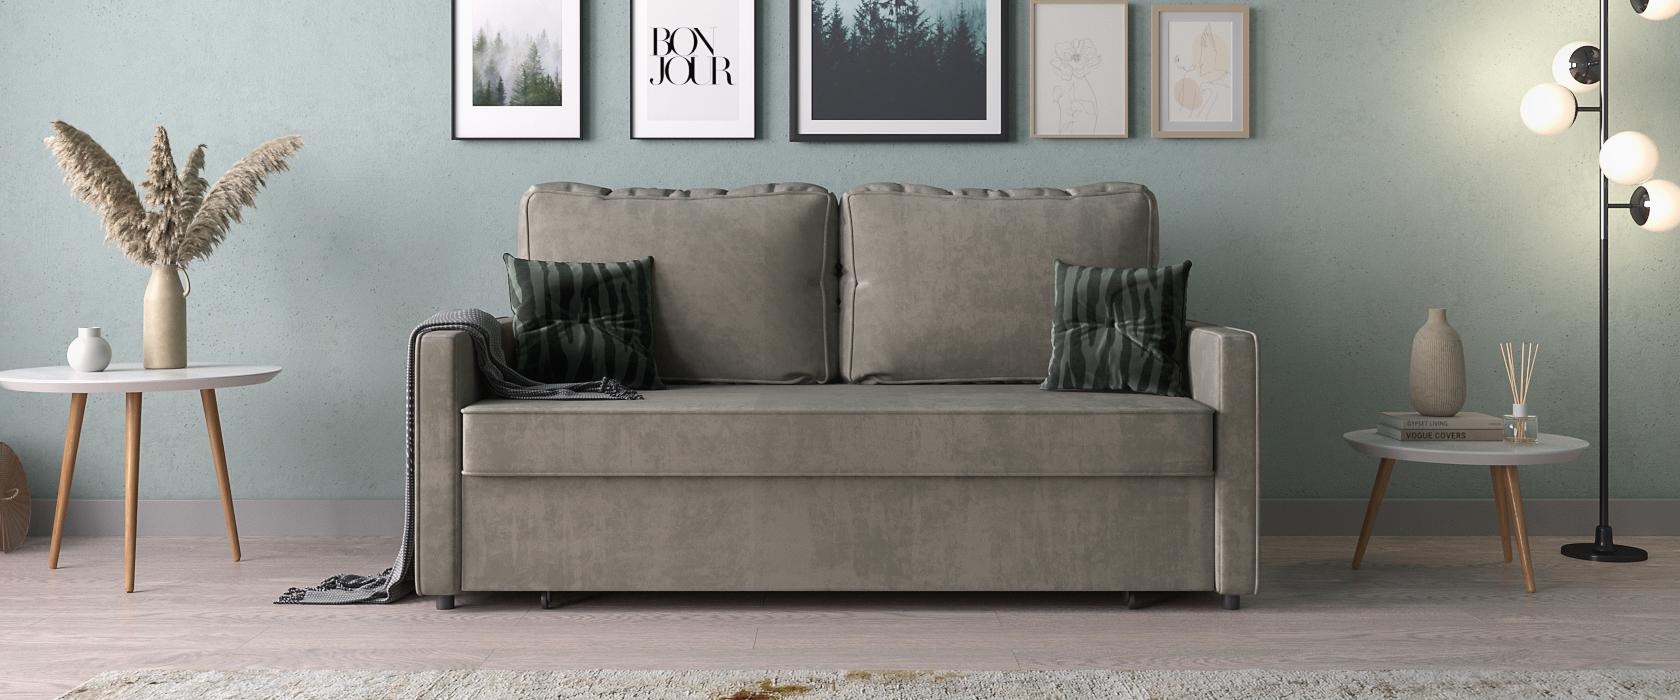 Тримісний диван Mattone - Фото 2 - Pufetto